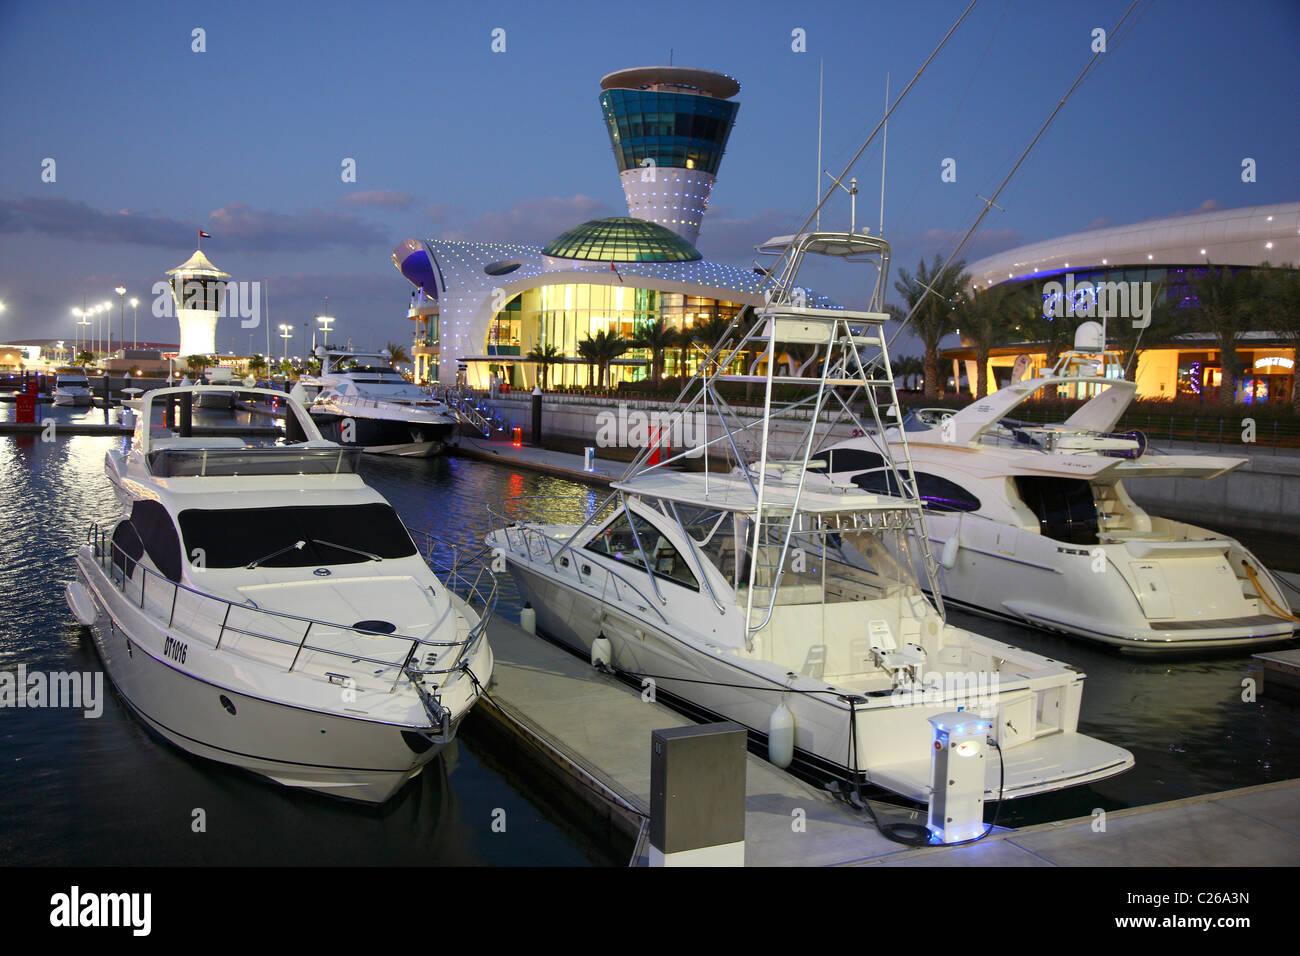 https://c8.alamy.com/compfr/c26a3n/yachts-dans-yas-marina-ile-de-yas-marina-a-linterieur-de-la-piste-de-course-de-formule-1-dabu-dhabi-emirats-arabes-unis-c26a3n.jpg